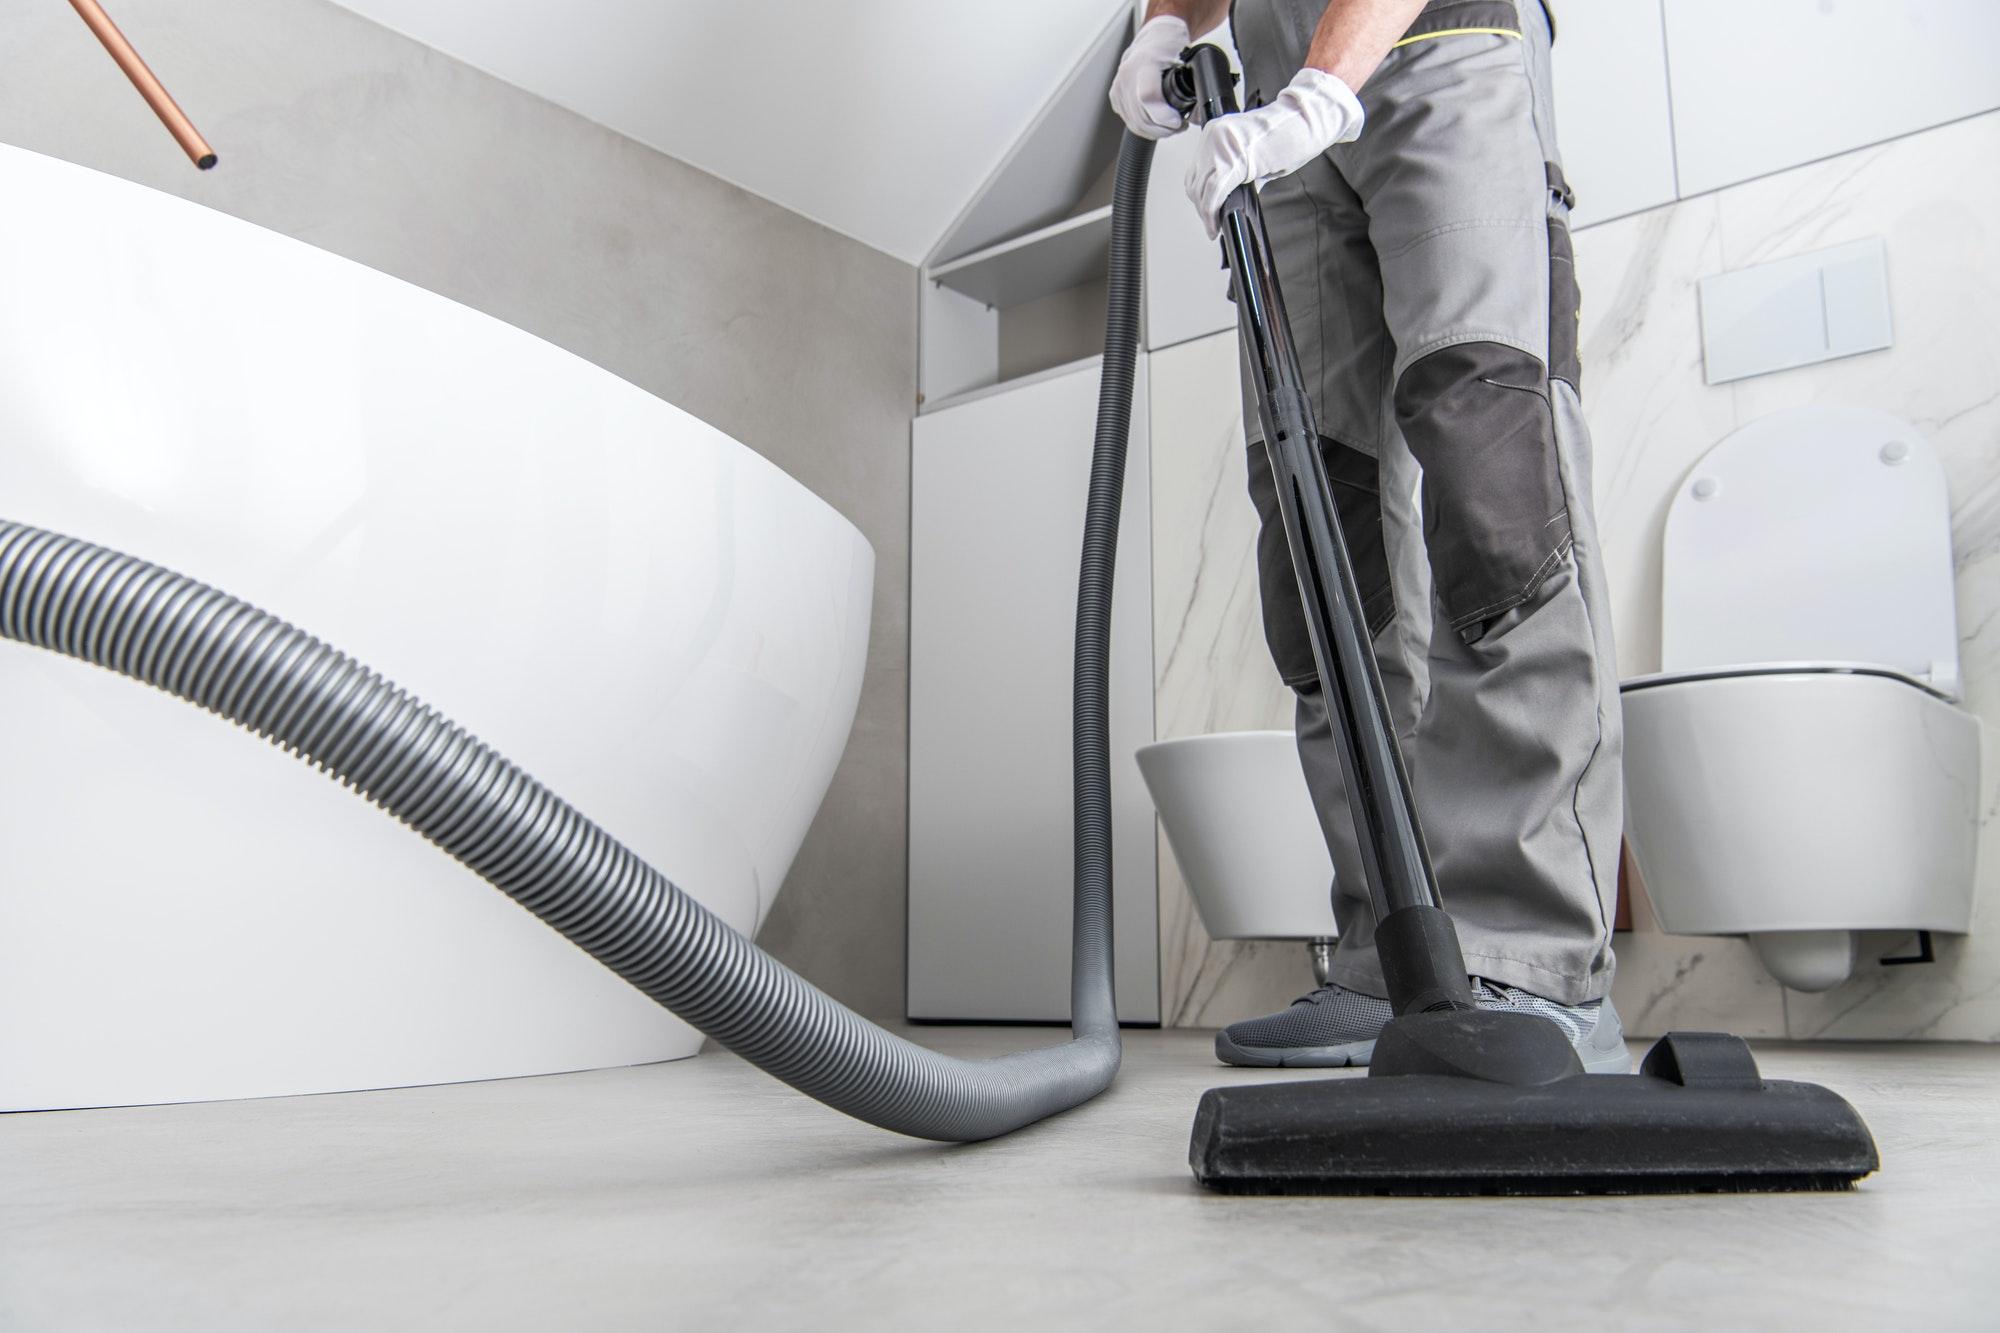 Man Vacuuming White Tile Floor In Bathroom.